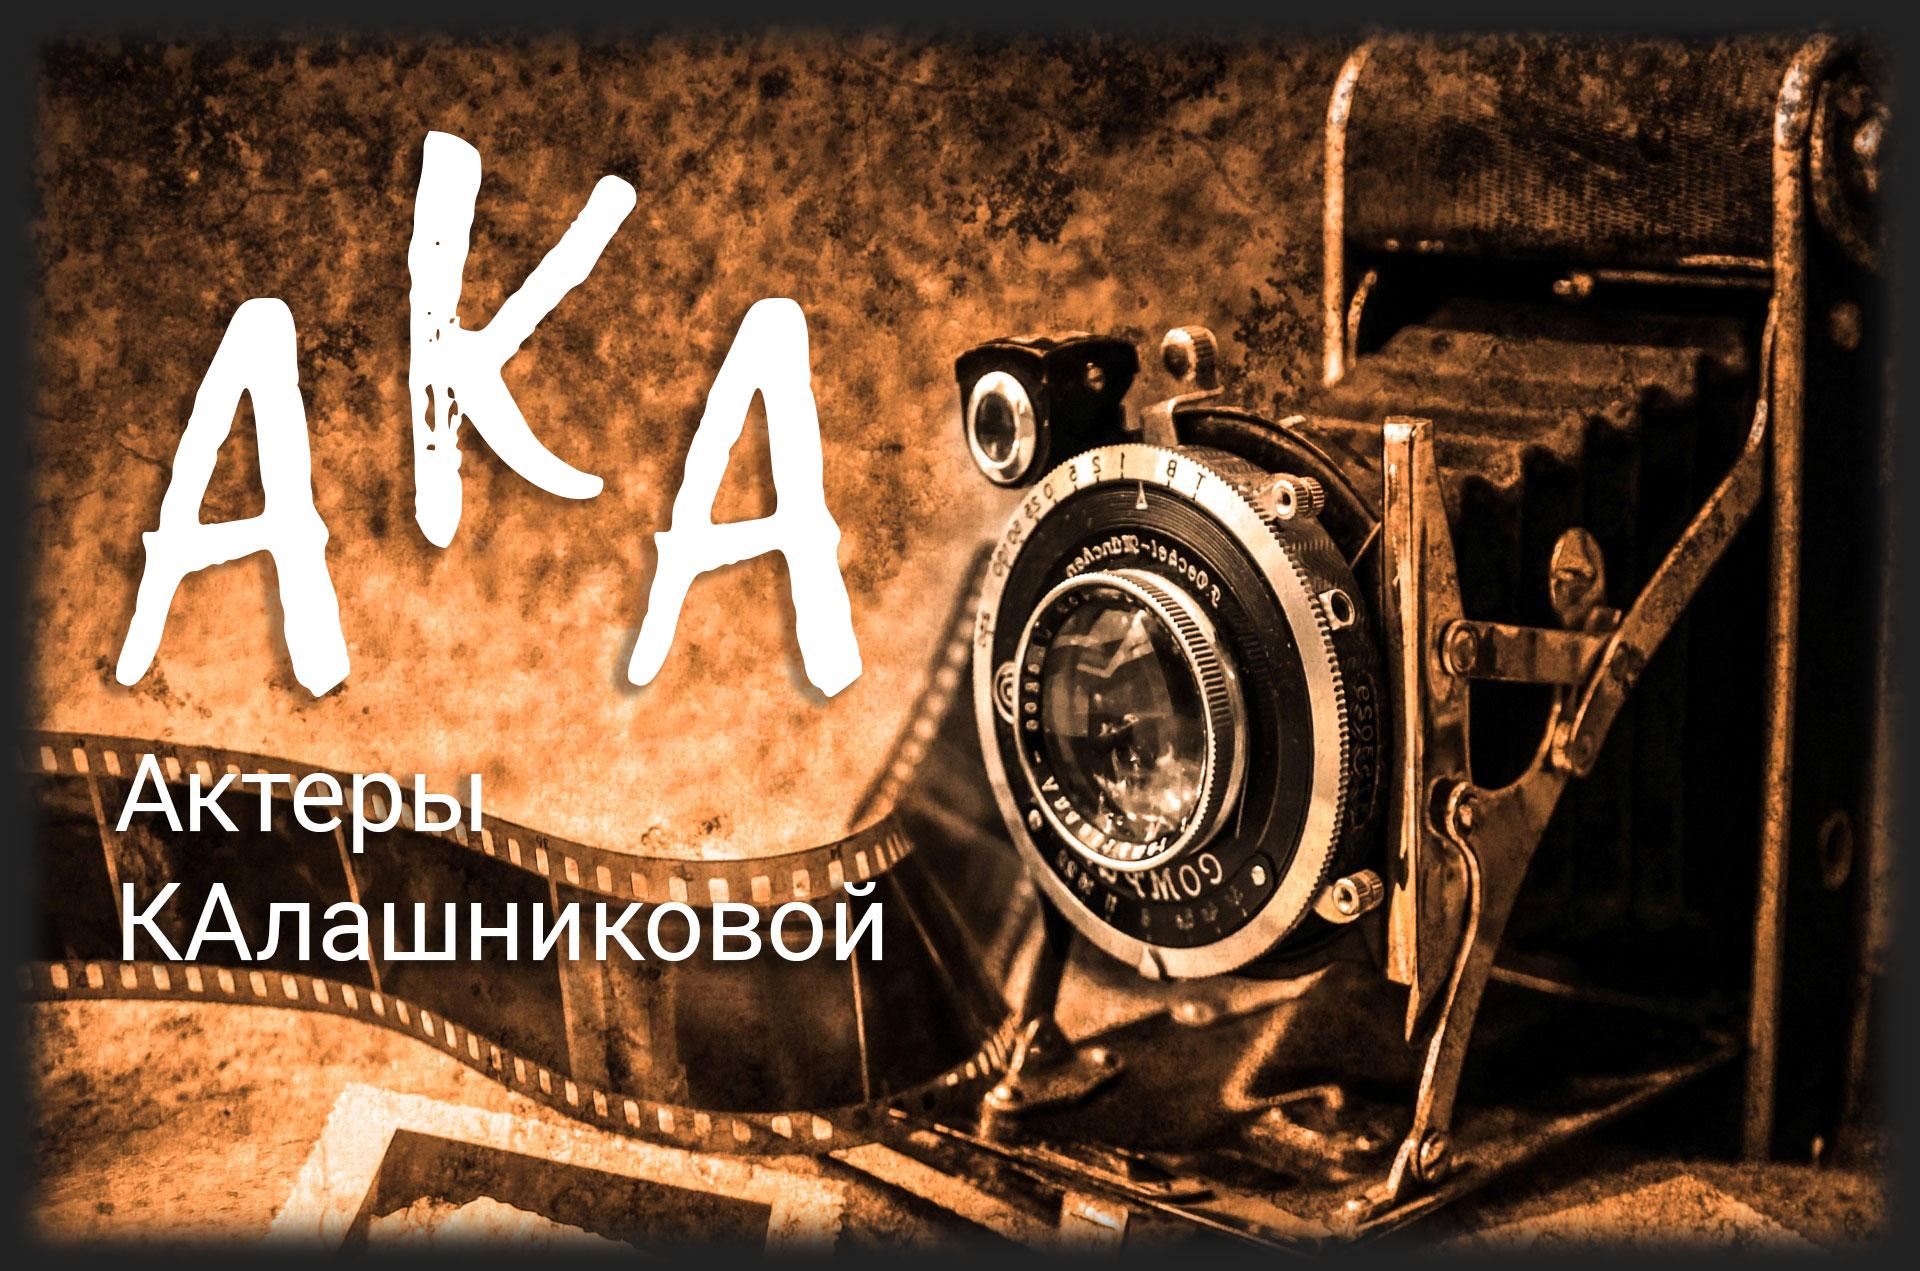 Актерское агентство Калашниковой